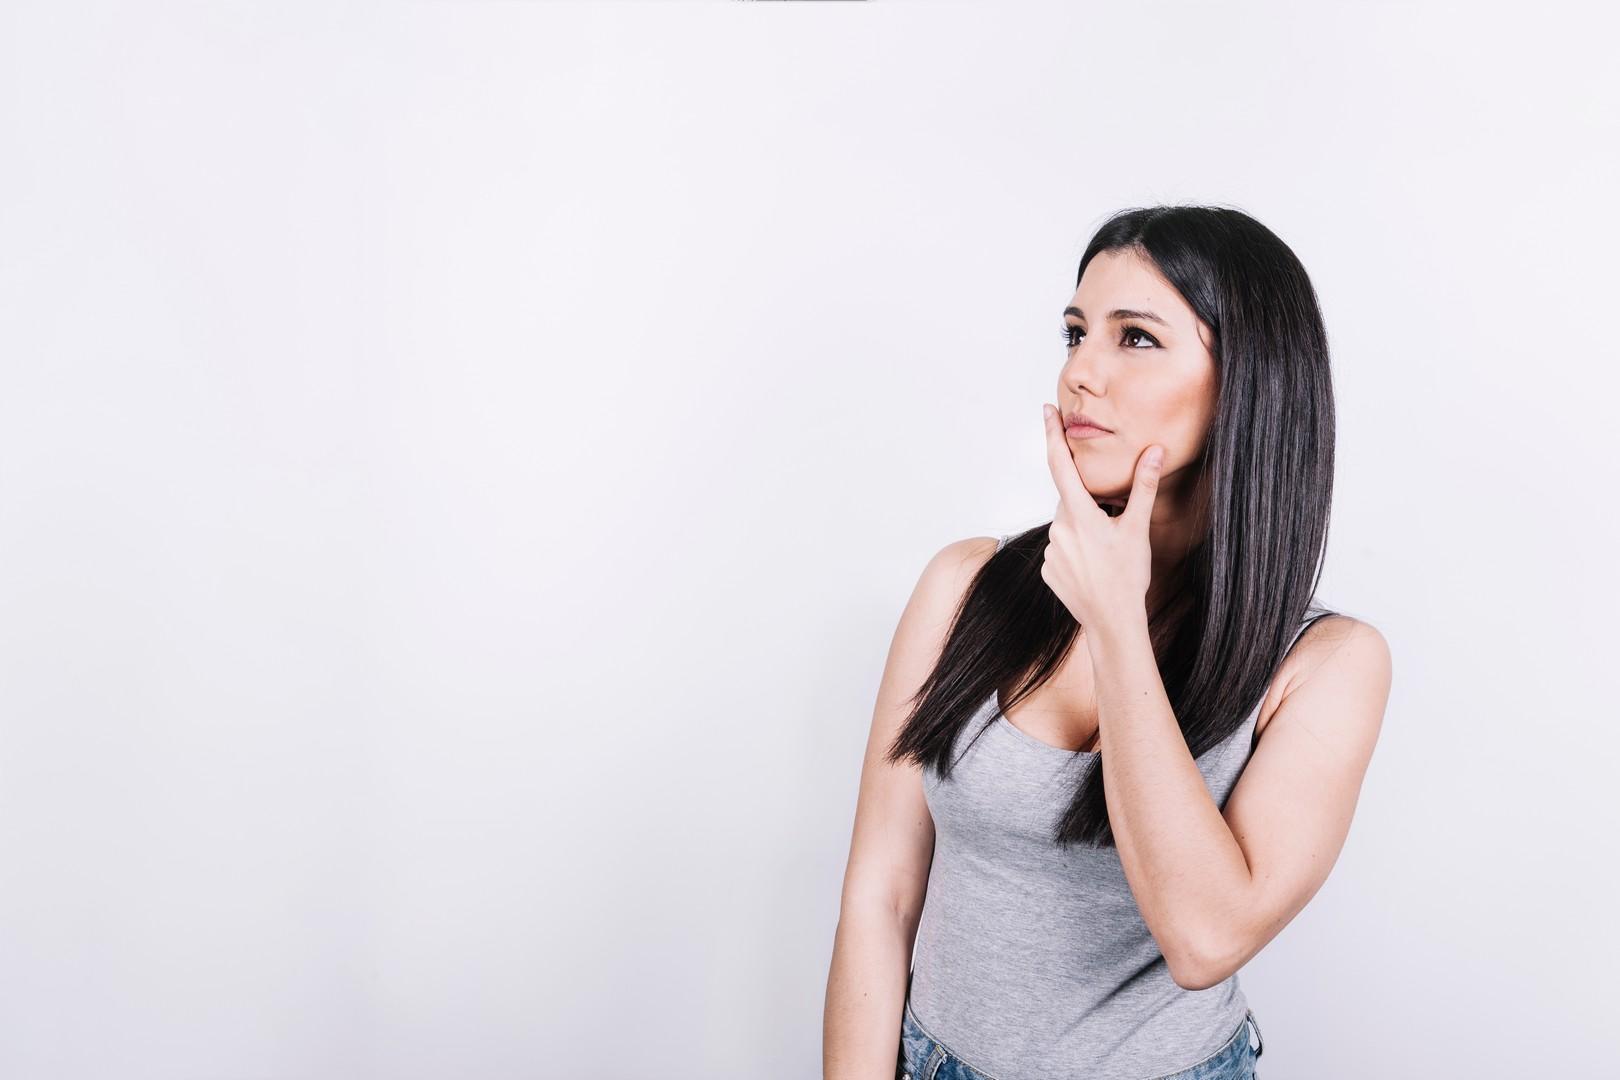 Ипотека после развода супругов: как сохранить имущество